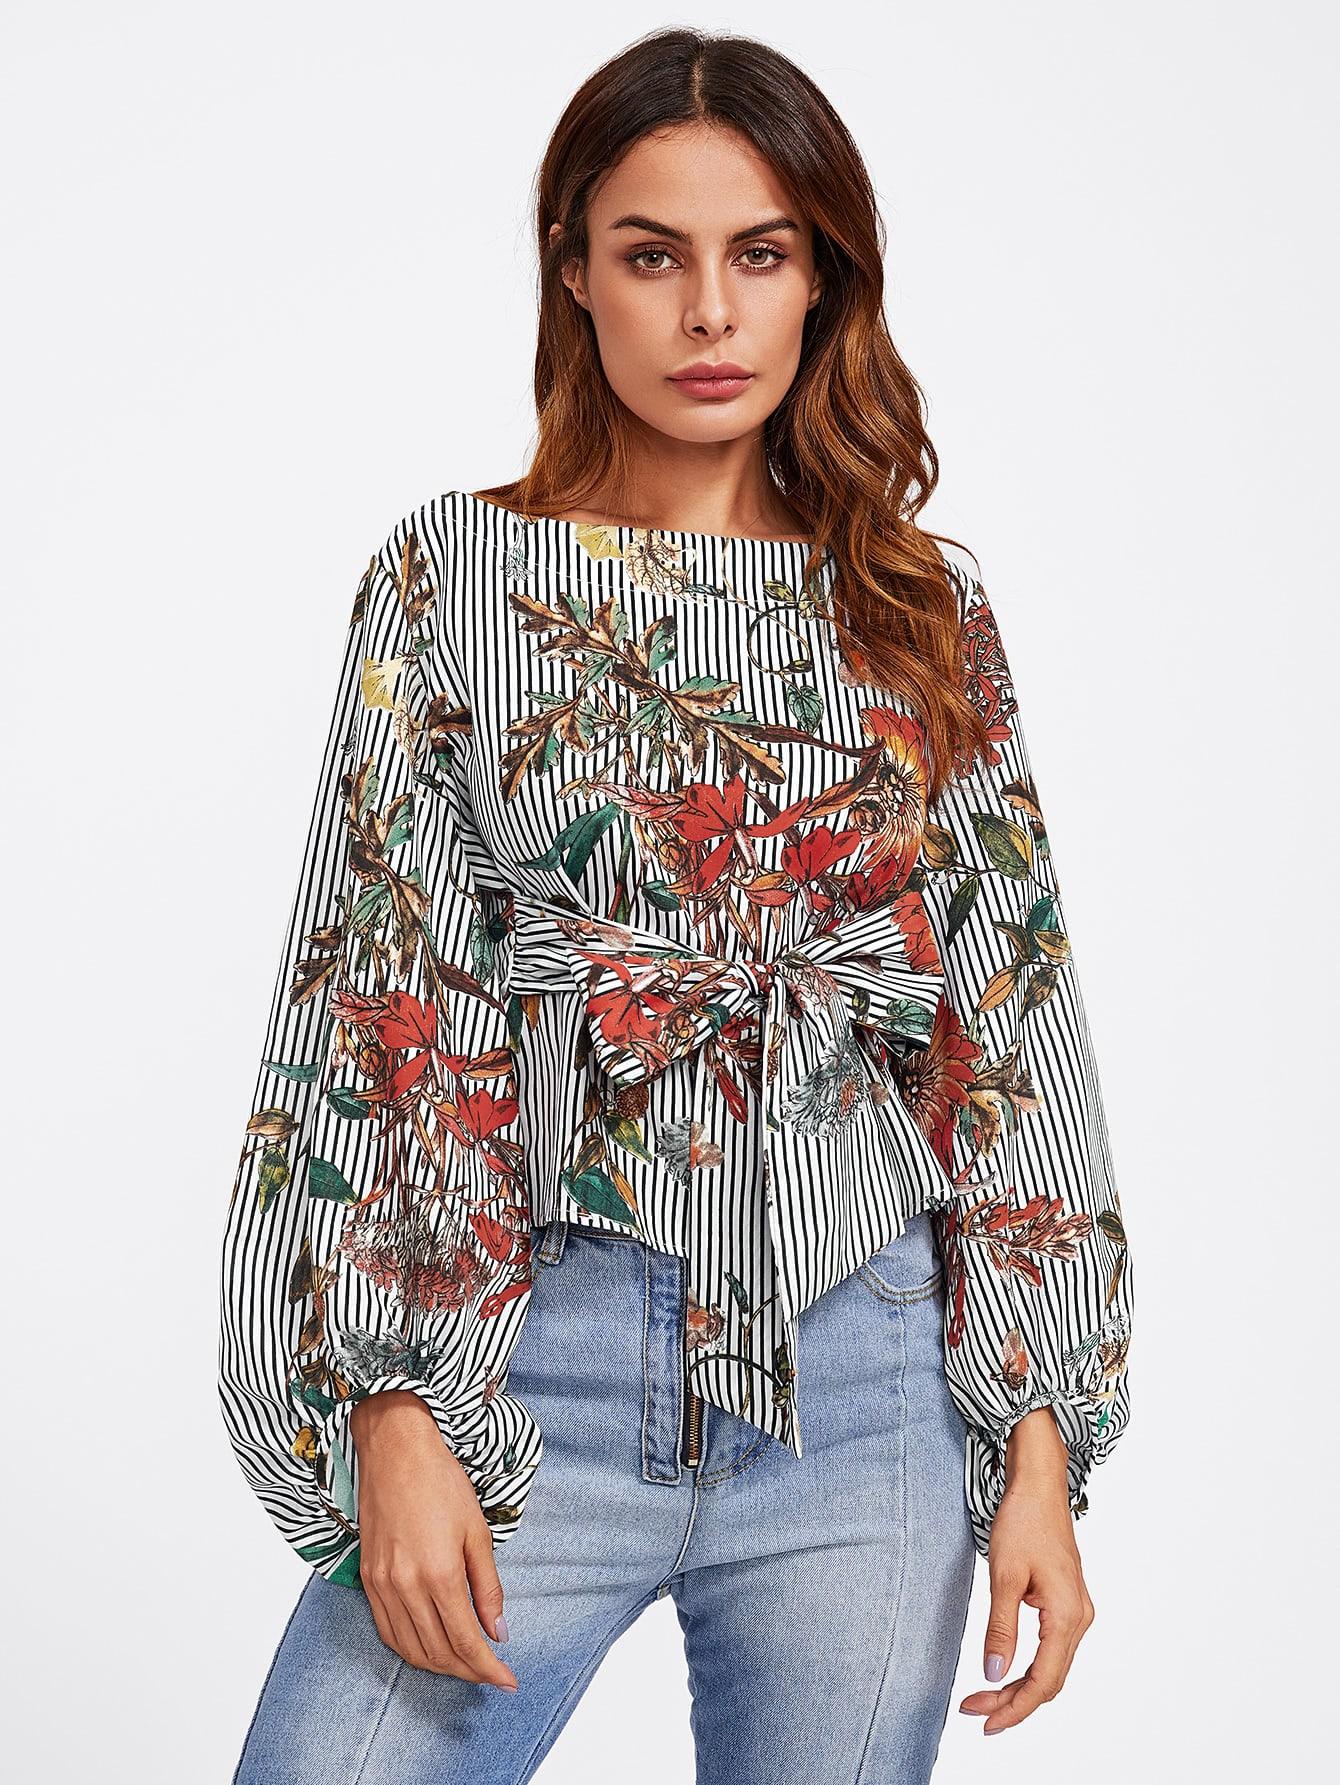 Купить Модная блуза с принтом и поясом, рукав-фонарик, Andy, SheIn